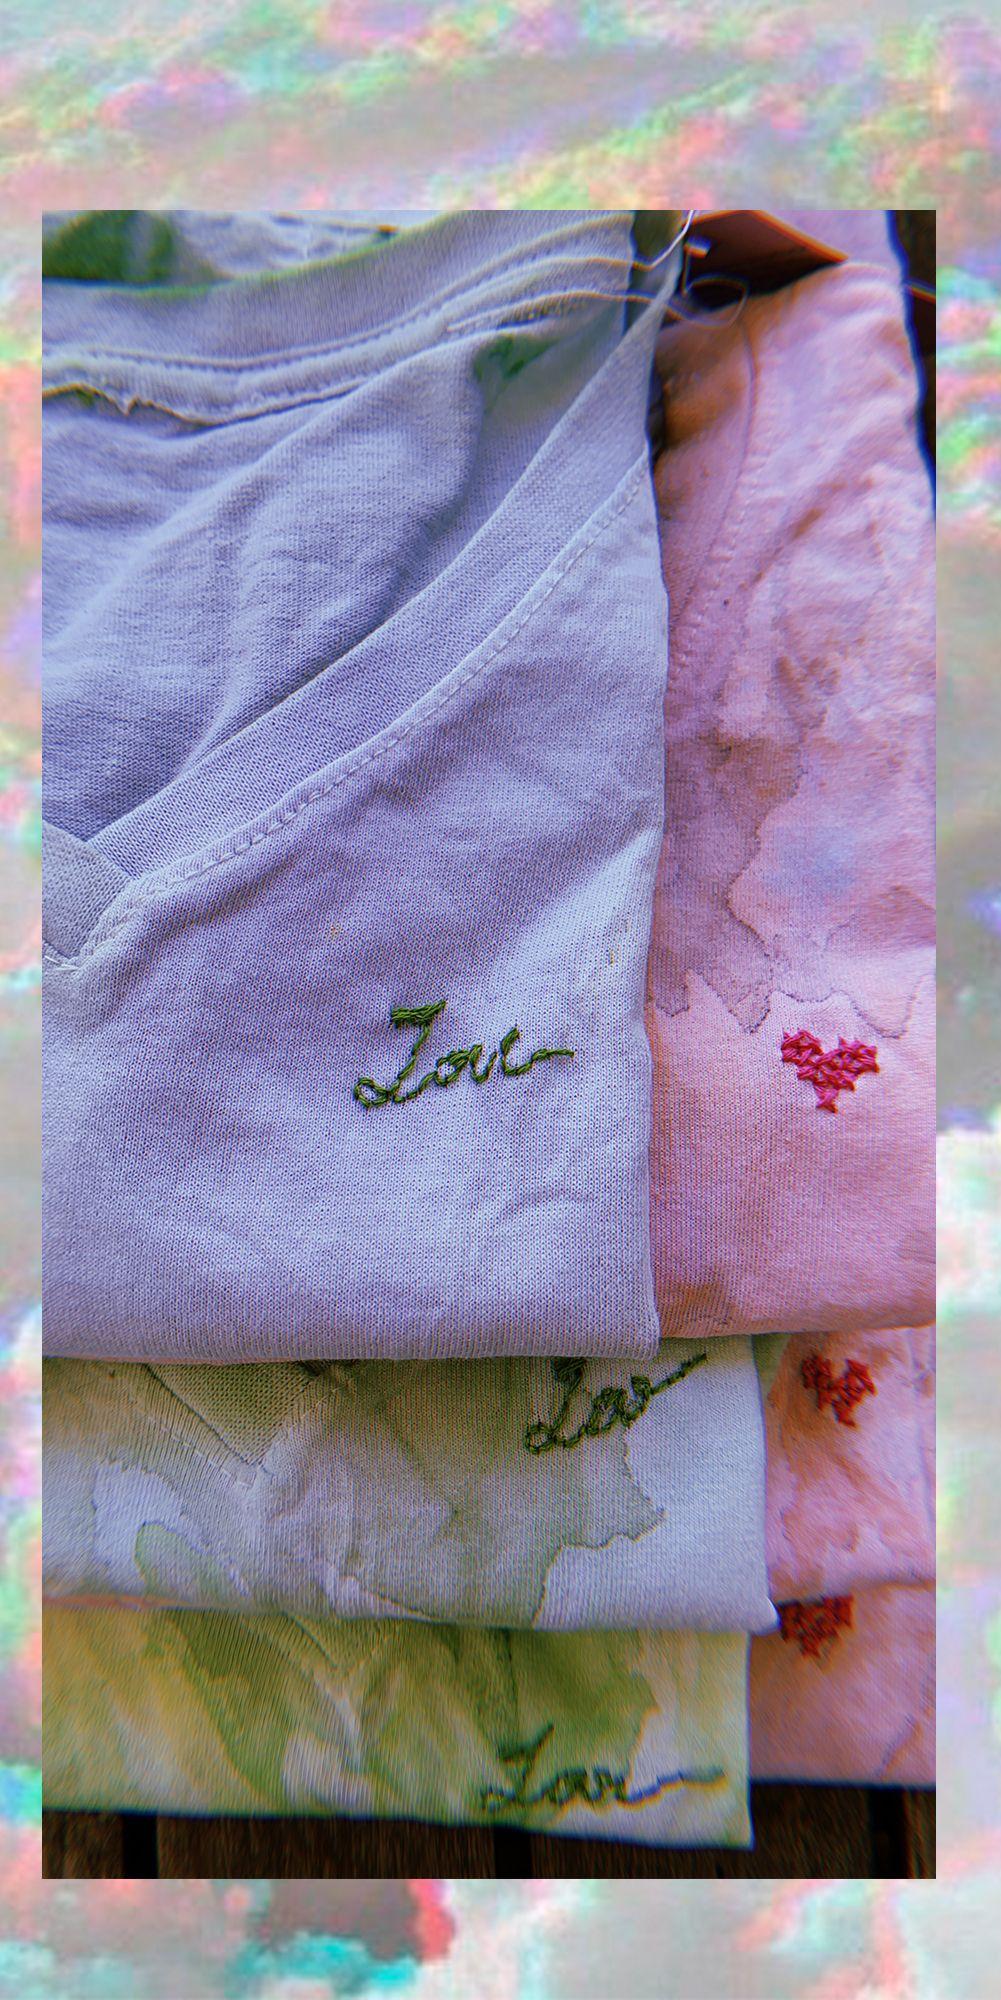 Camisetas #tiedye pintada e bordada manualmente, ✨  . #handmade #shoplocal #feitoamao #camiseta #bordado